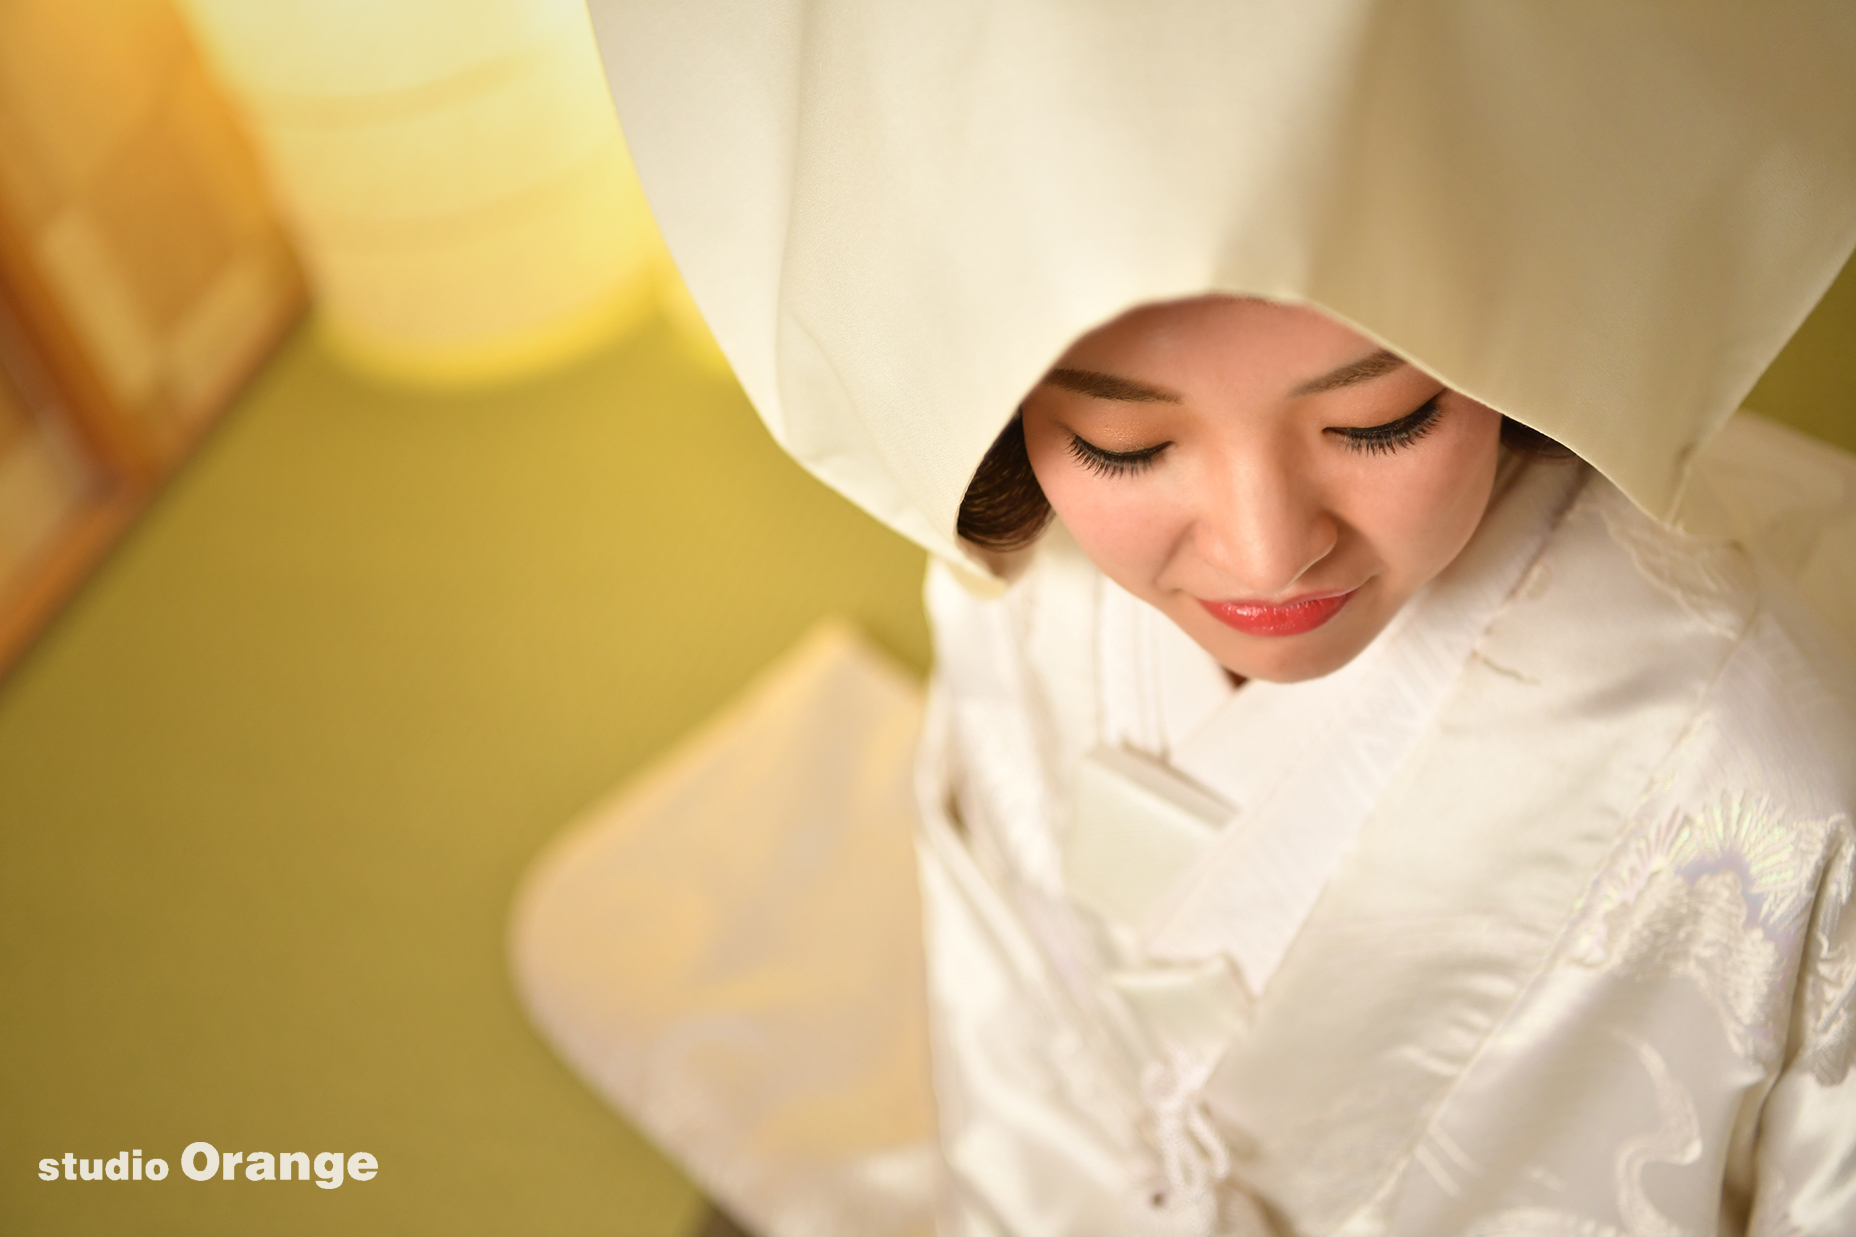 ウェディングフォト フォトウェディング かつら 綿帽子 白無垢 白打掛